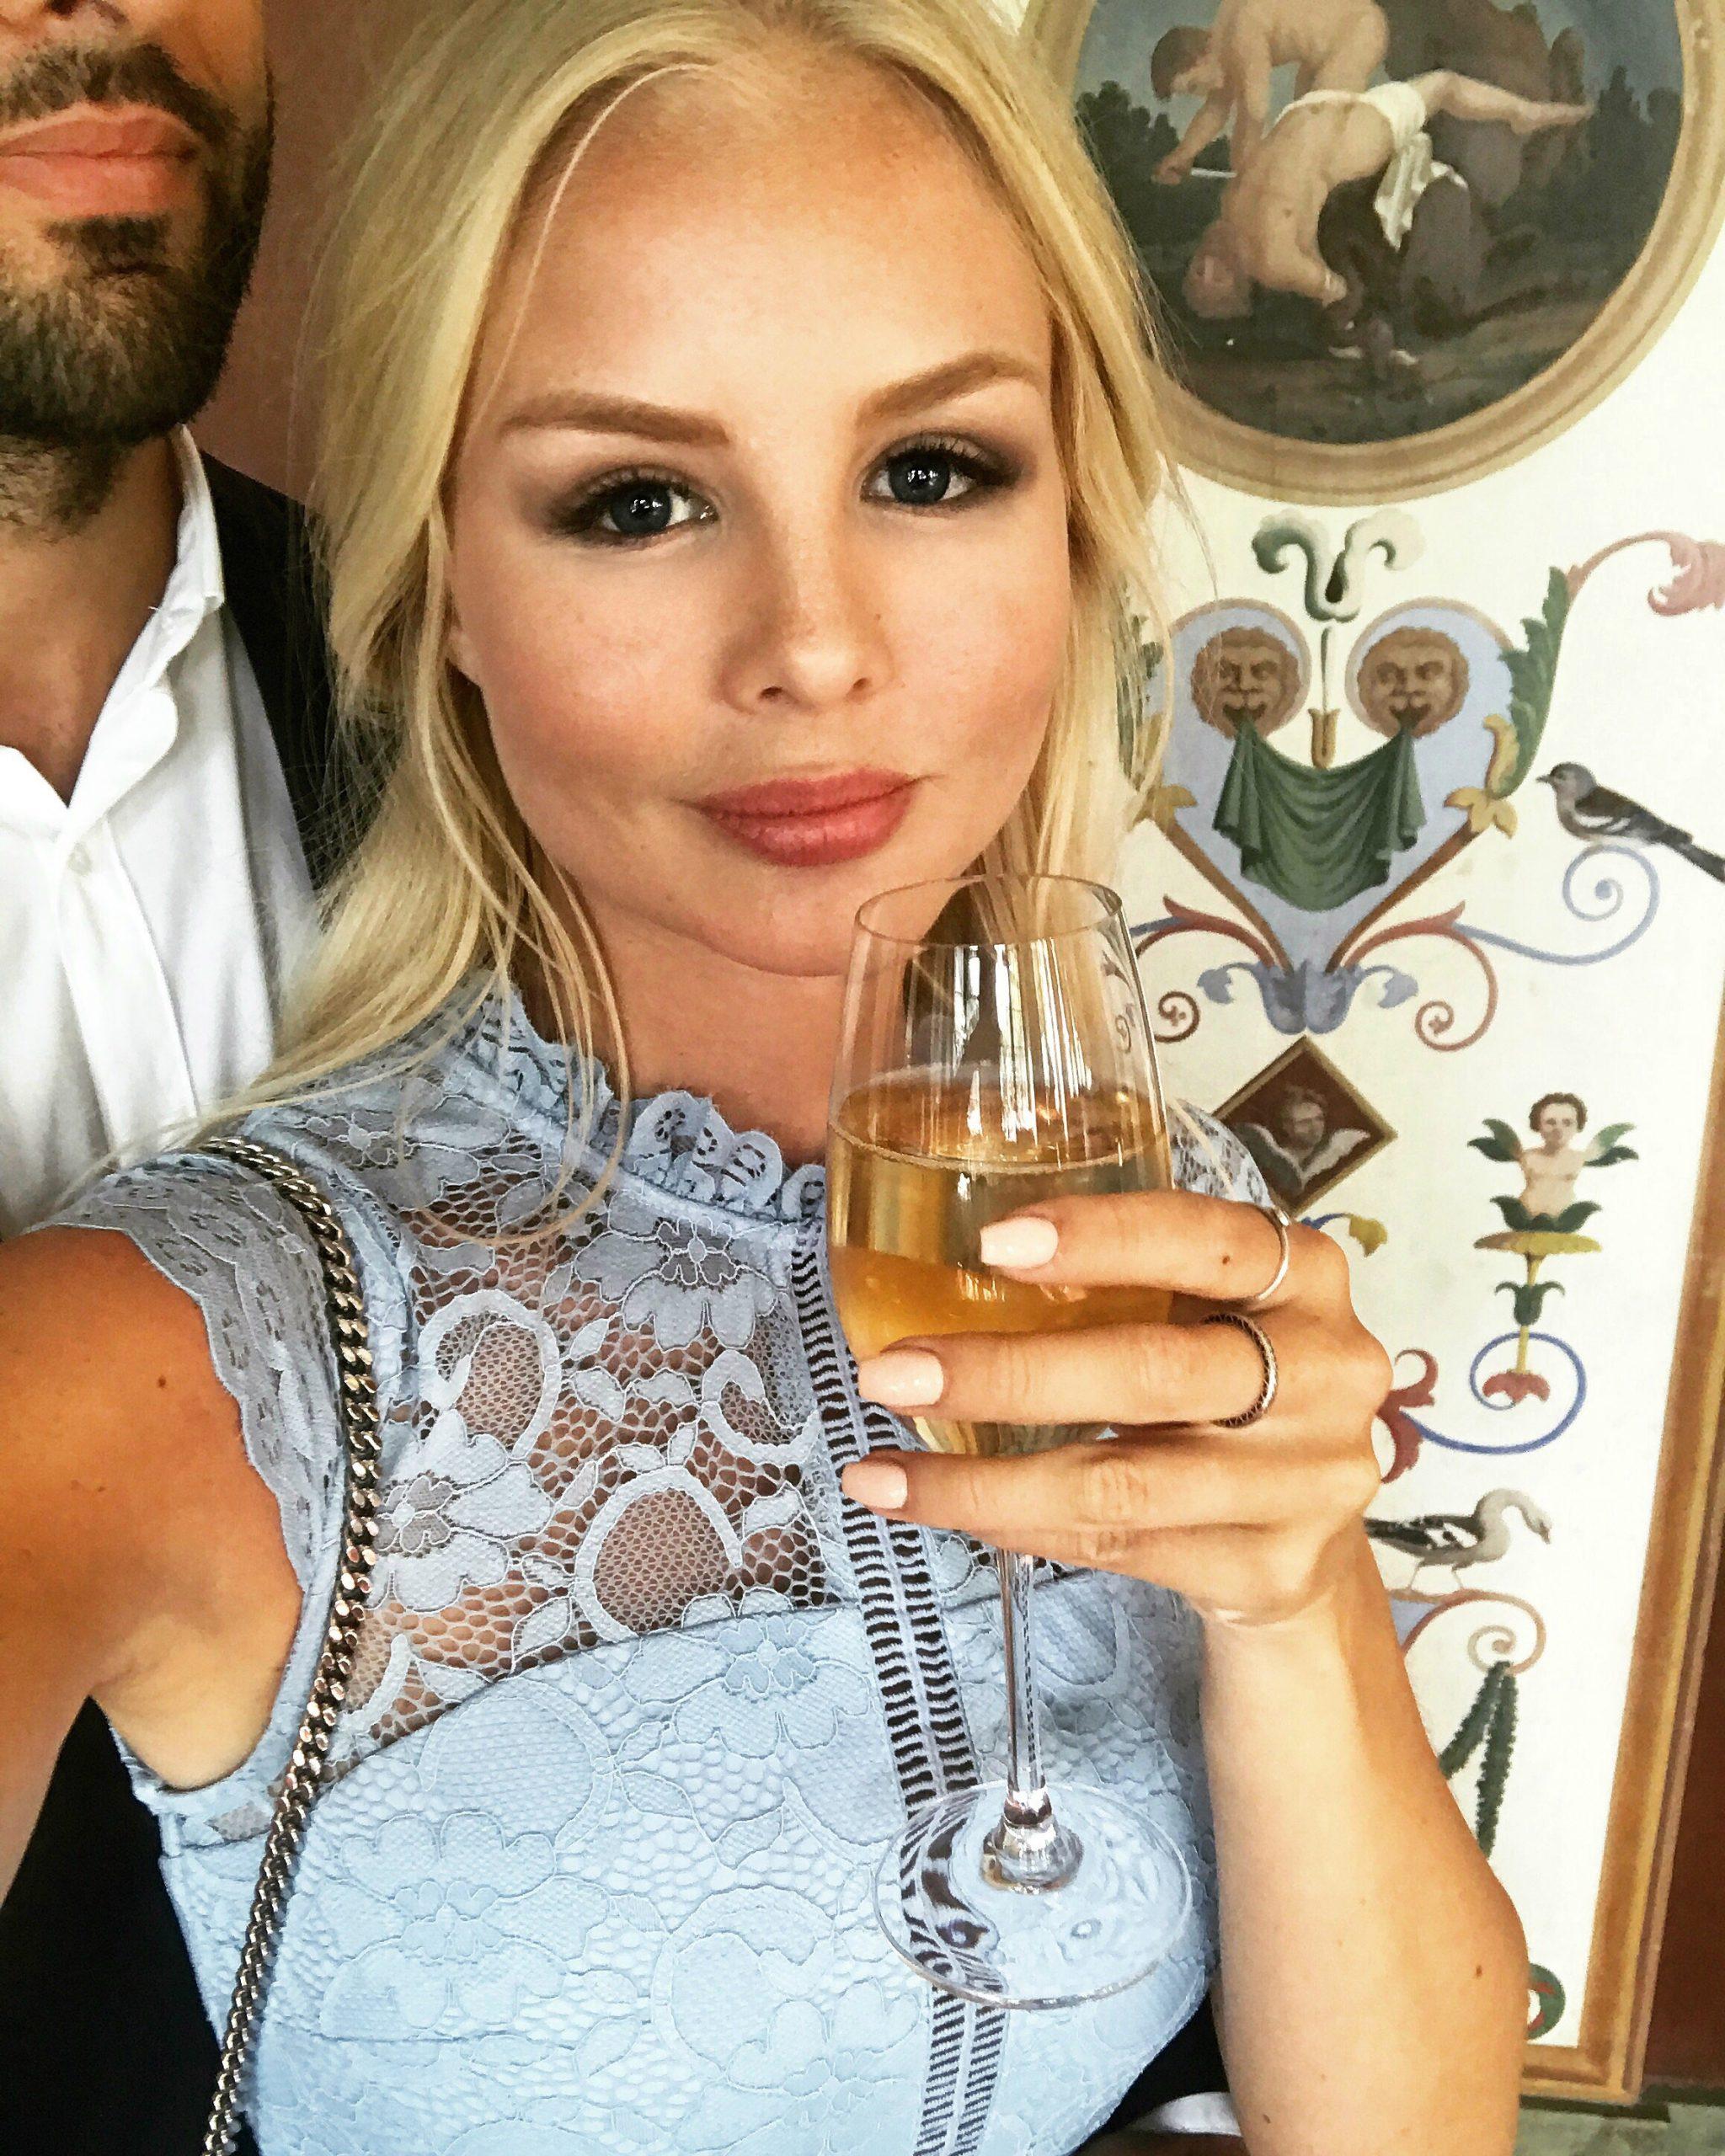 alexandra bring drinking